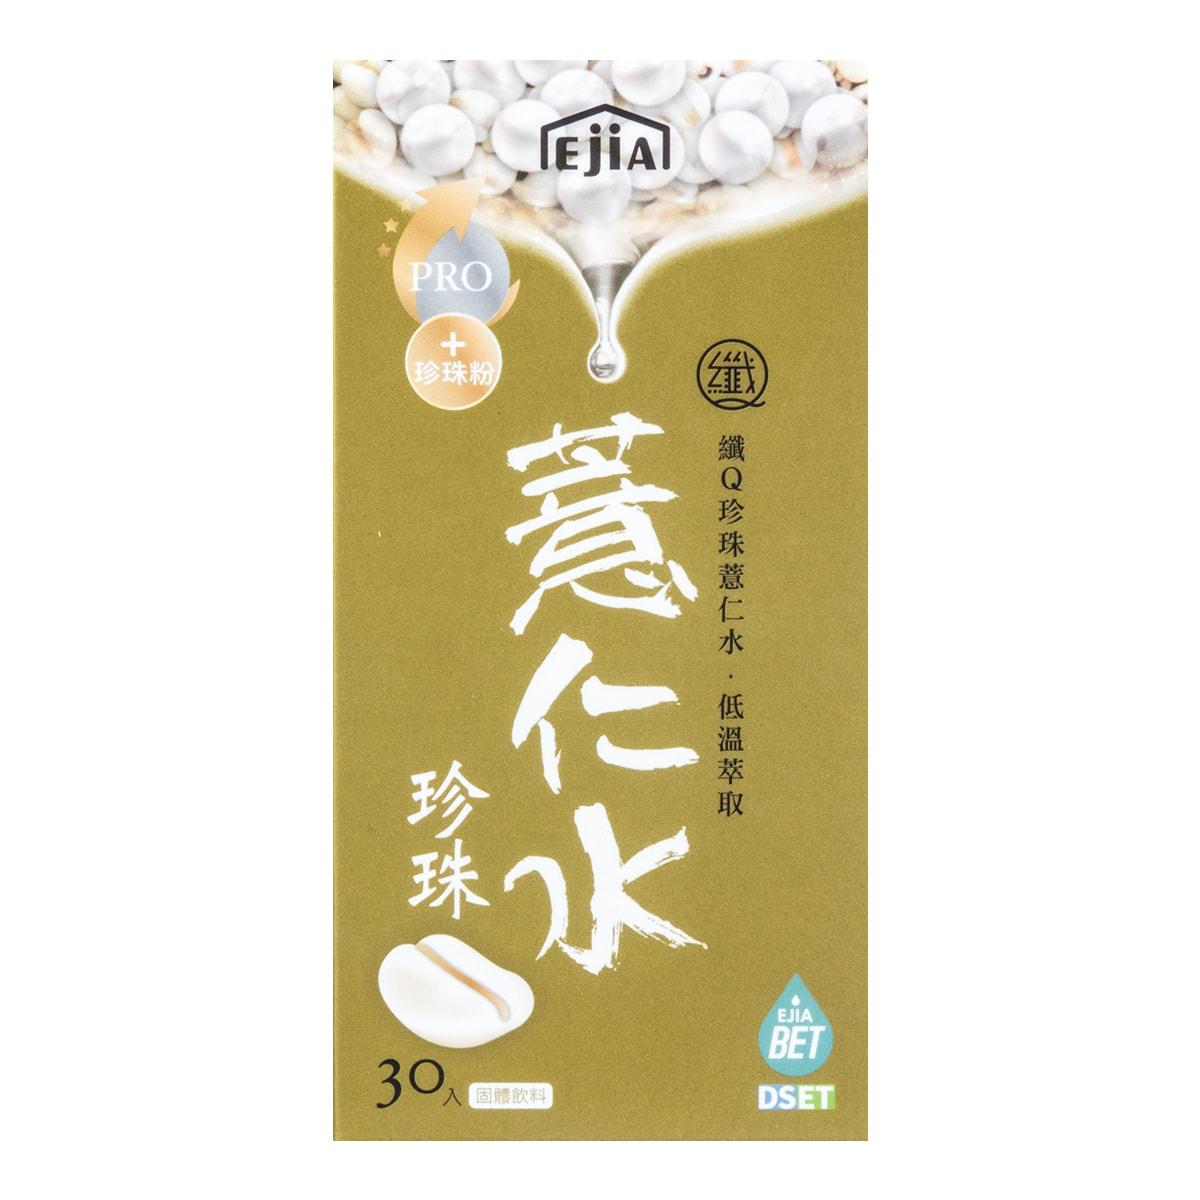 EJIA Pro Pearl Coxi Seed Powder Drink 2g x 30pcs